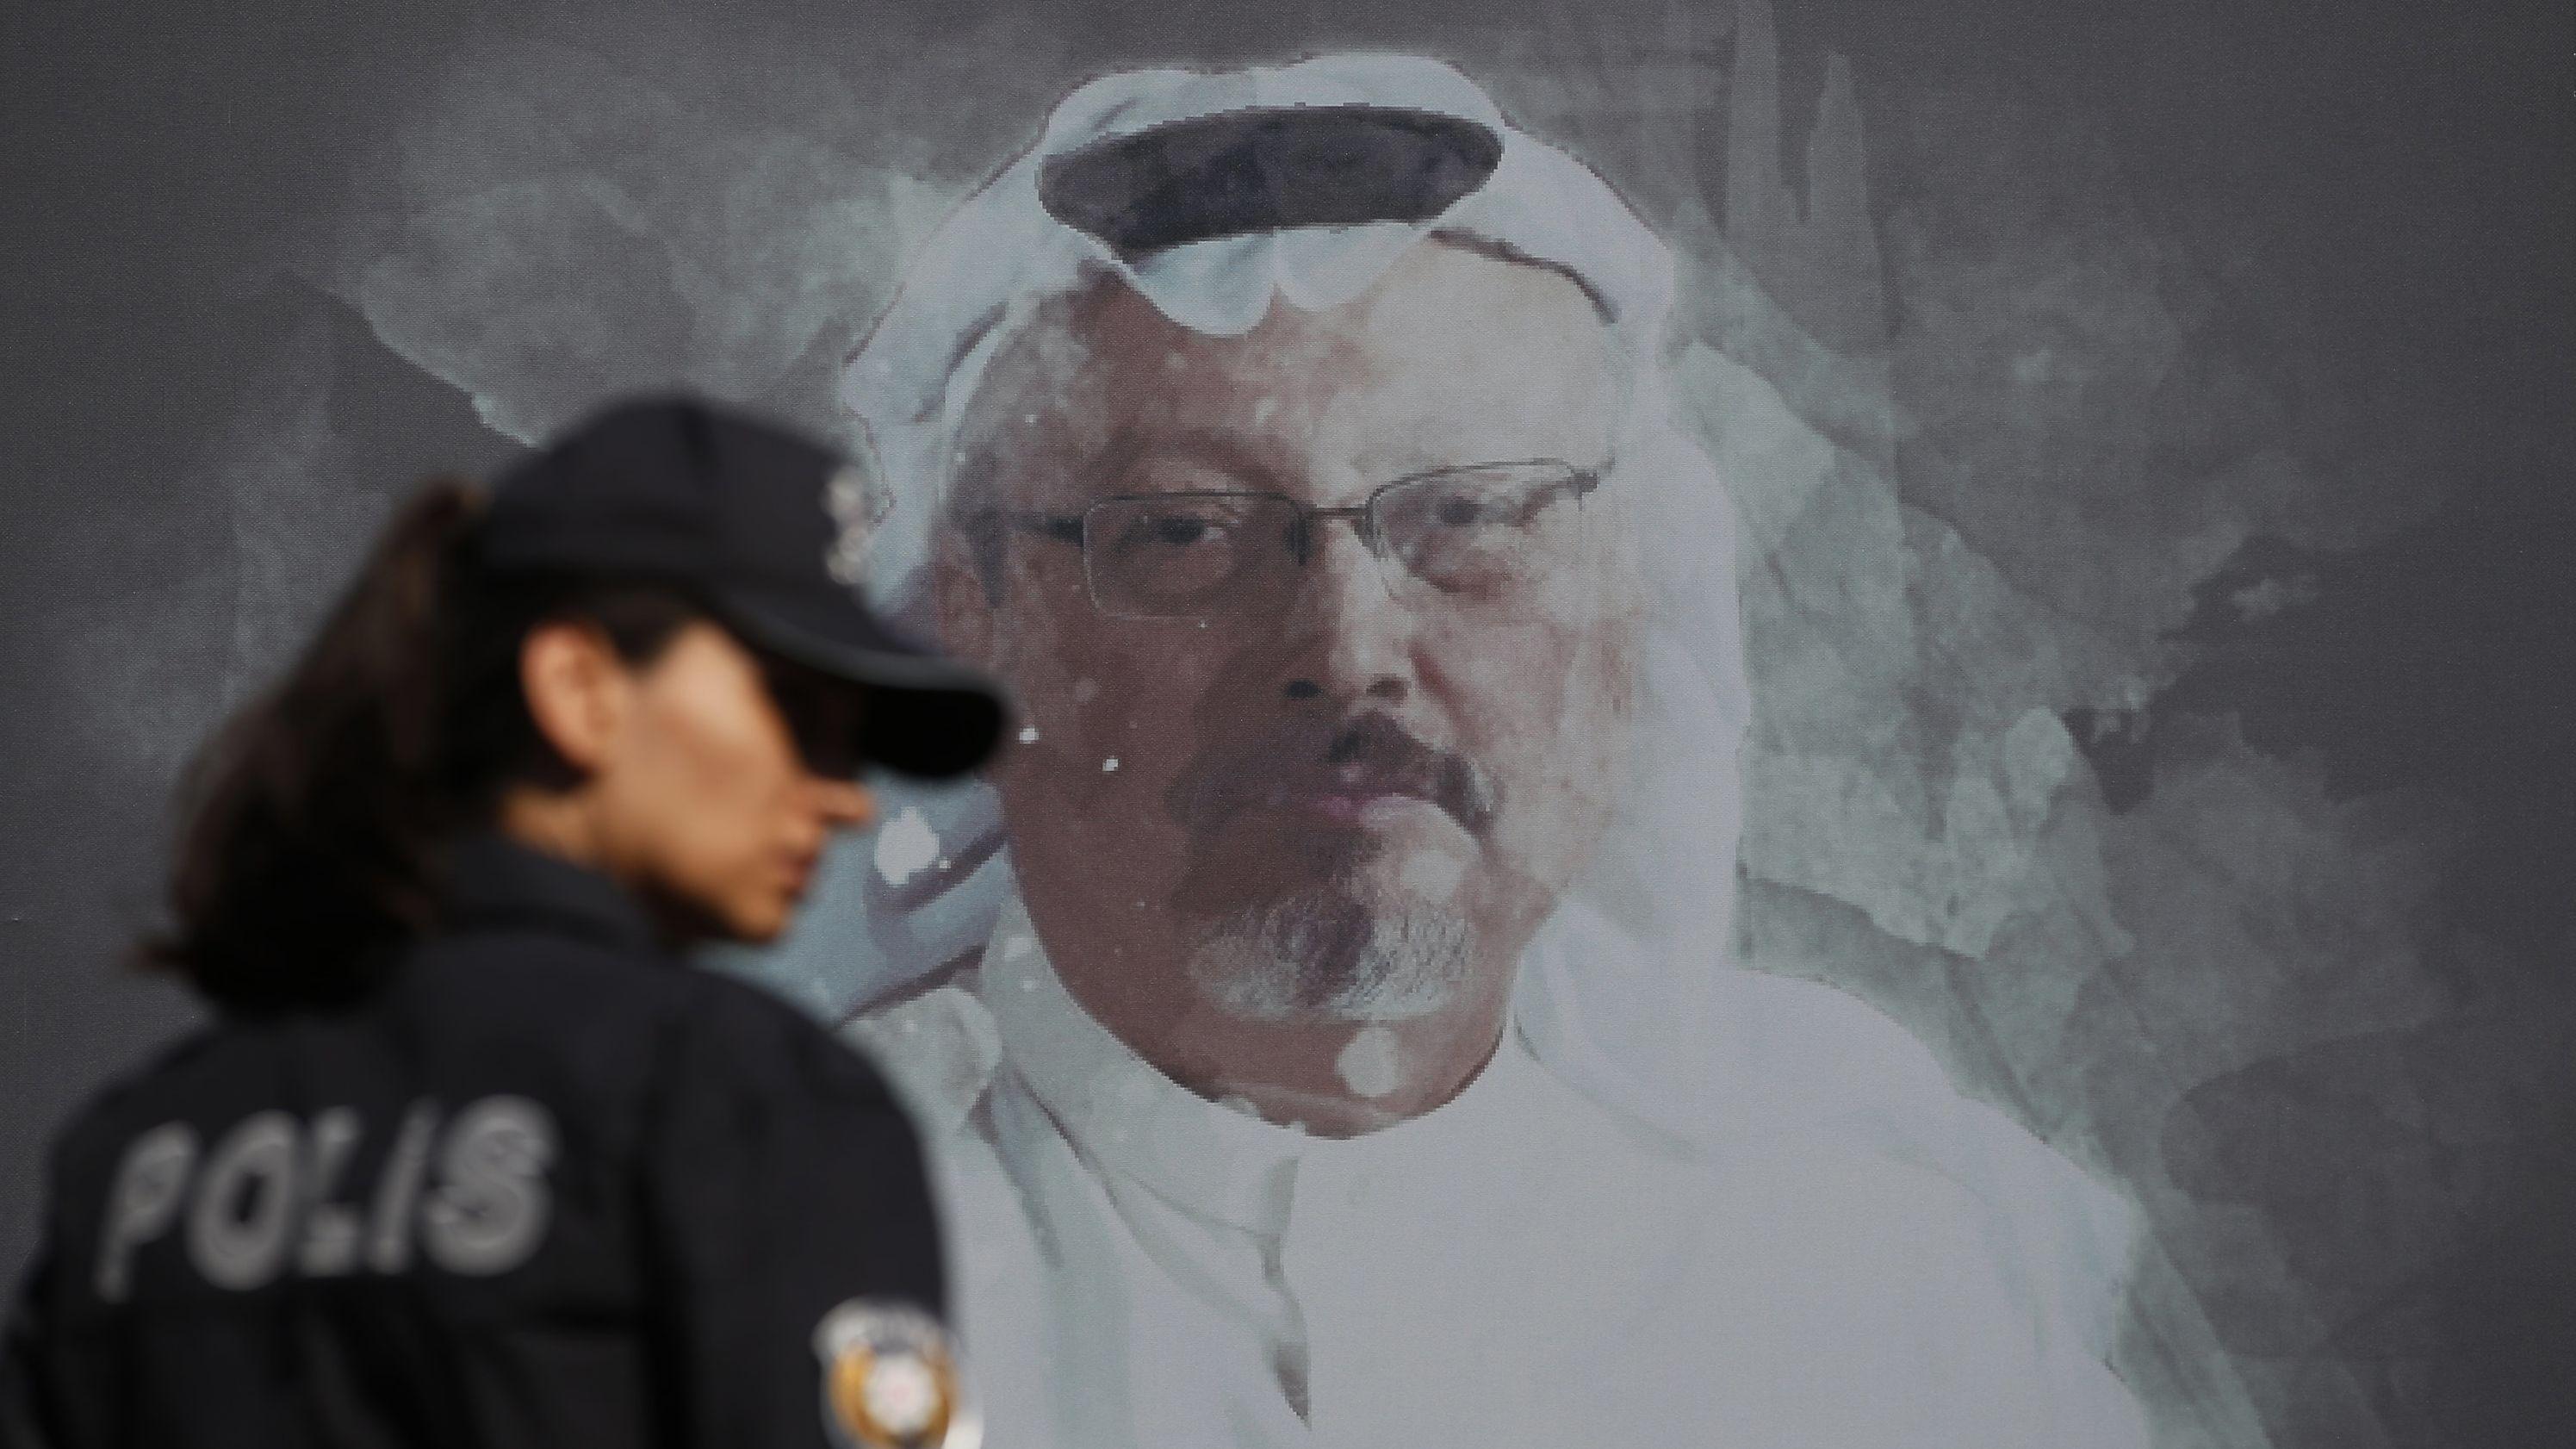 Eine Polizistin geht in der Nähe des saudischen Konsulats an einem Wandbild vorbei, welches den ermordeten Journalisten Jamal Khashoggi zeigt.